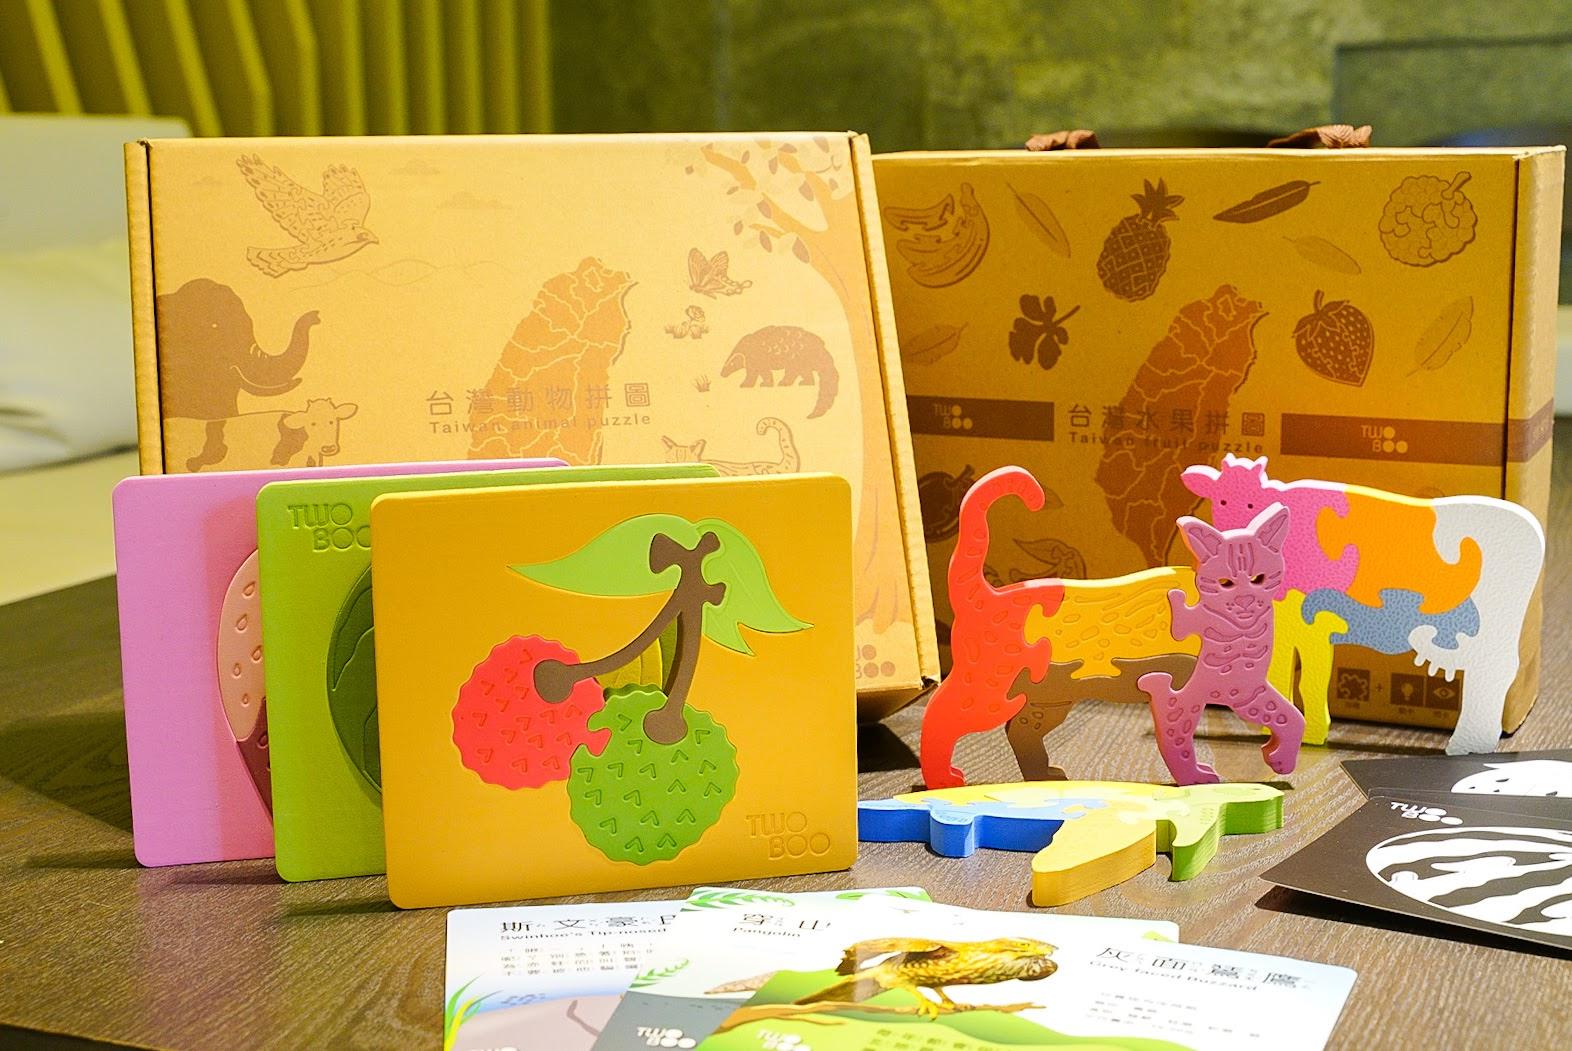 【育兒】二寶地墊-TwoBoo 2020新品發表「台灣動物&水果 拼圖組」 陪孩子一起遊玩 發展認知、語言、情感等全方位智能玩具